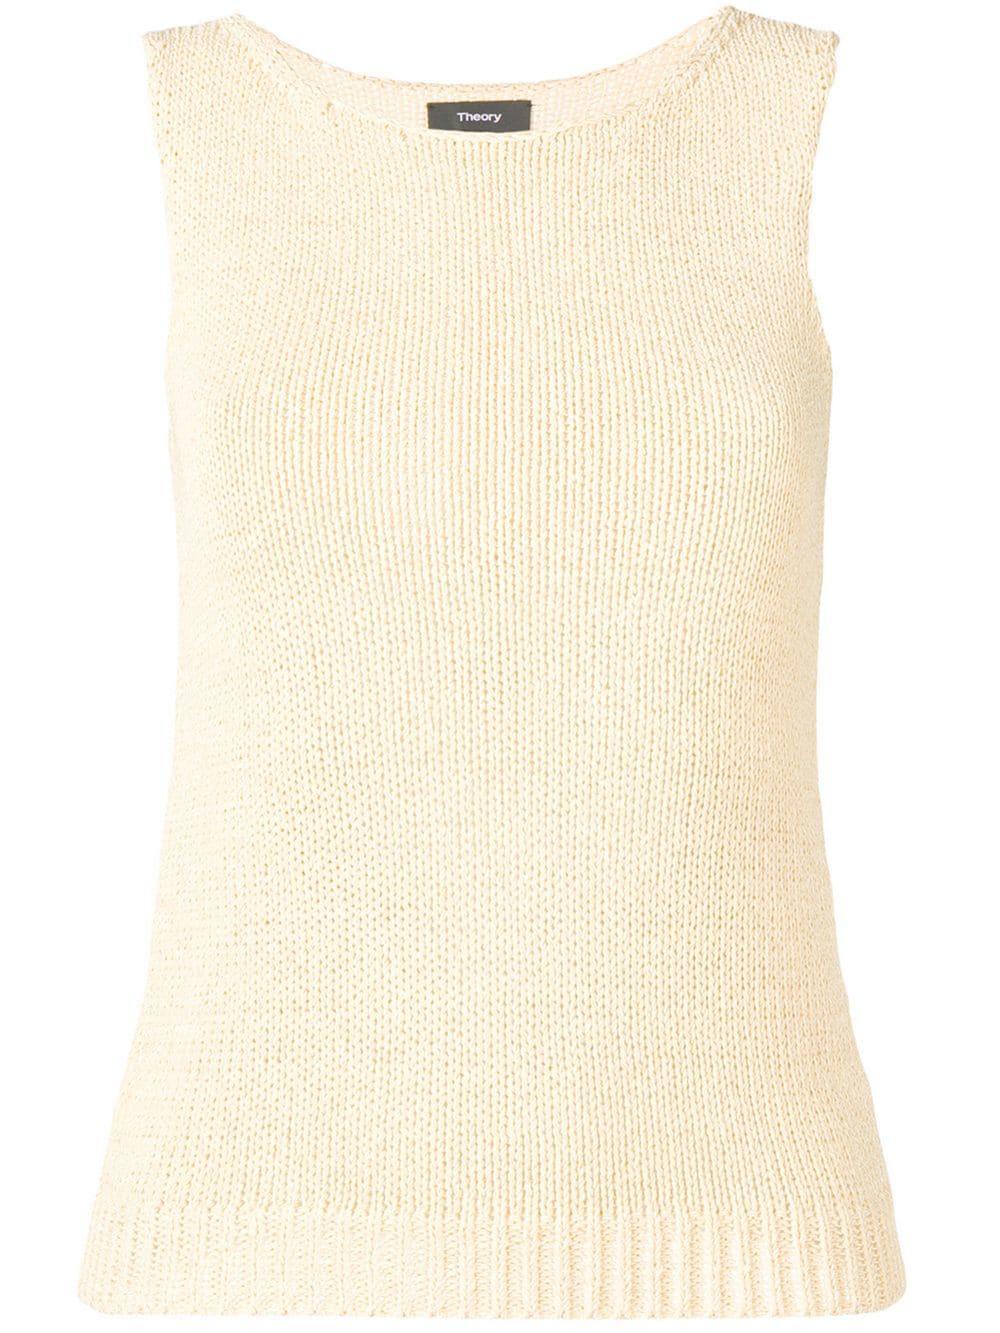 Sleeveless Knit Shell Sweater